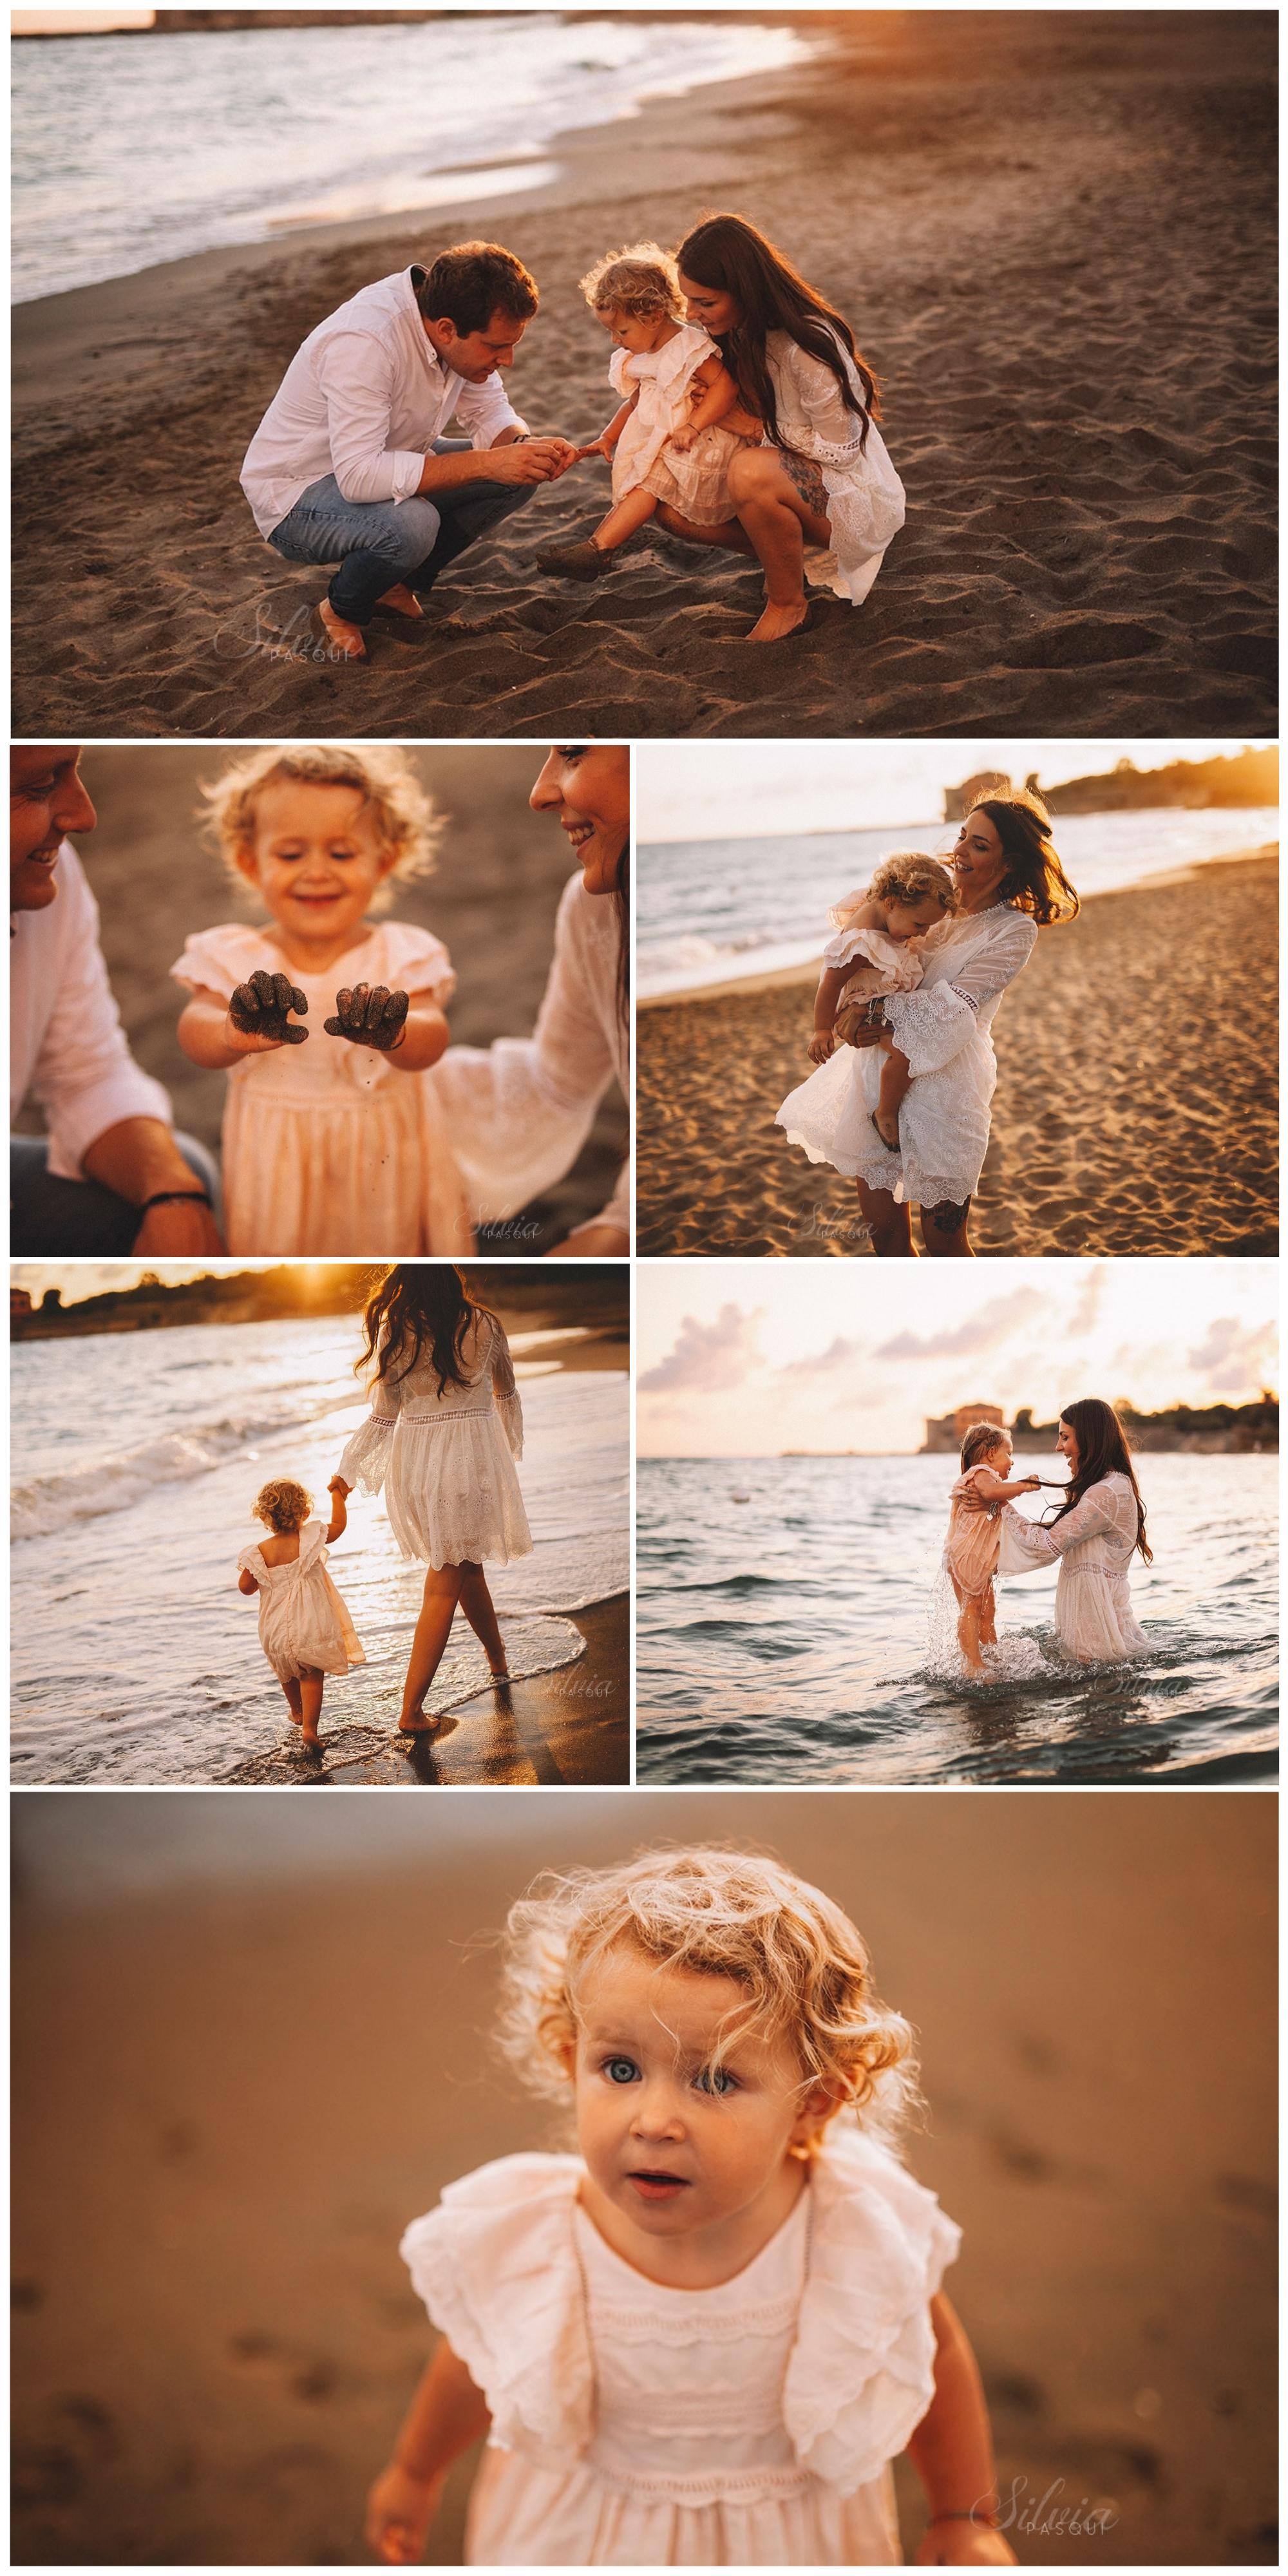 fotografie in spiaggia, mare famiglia